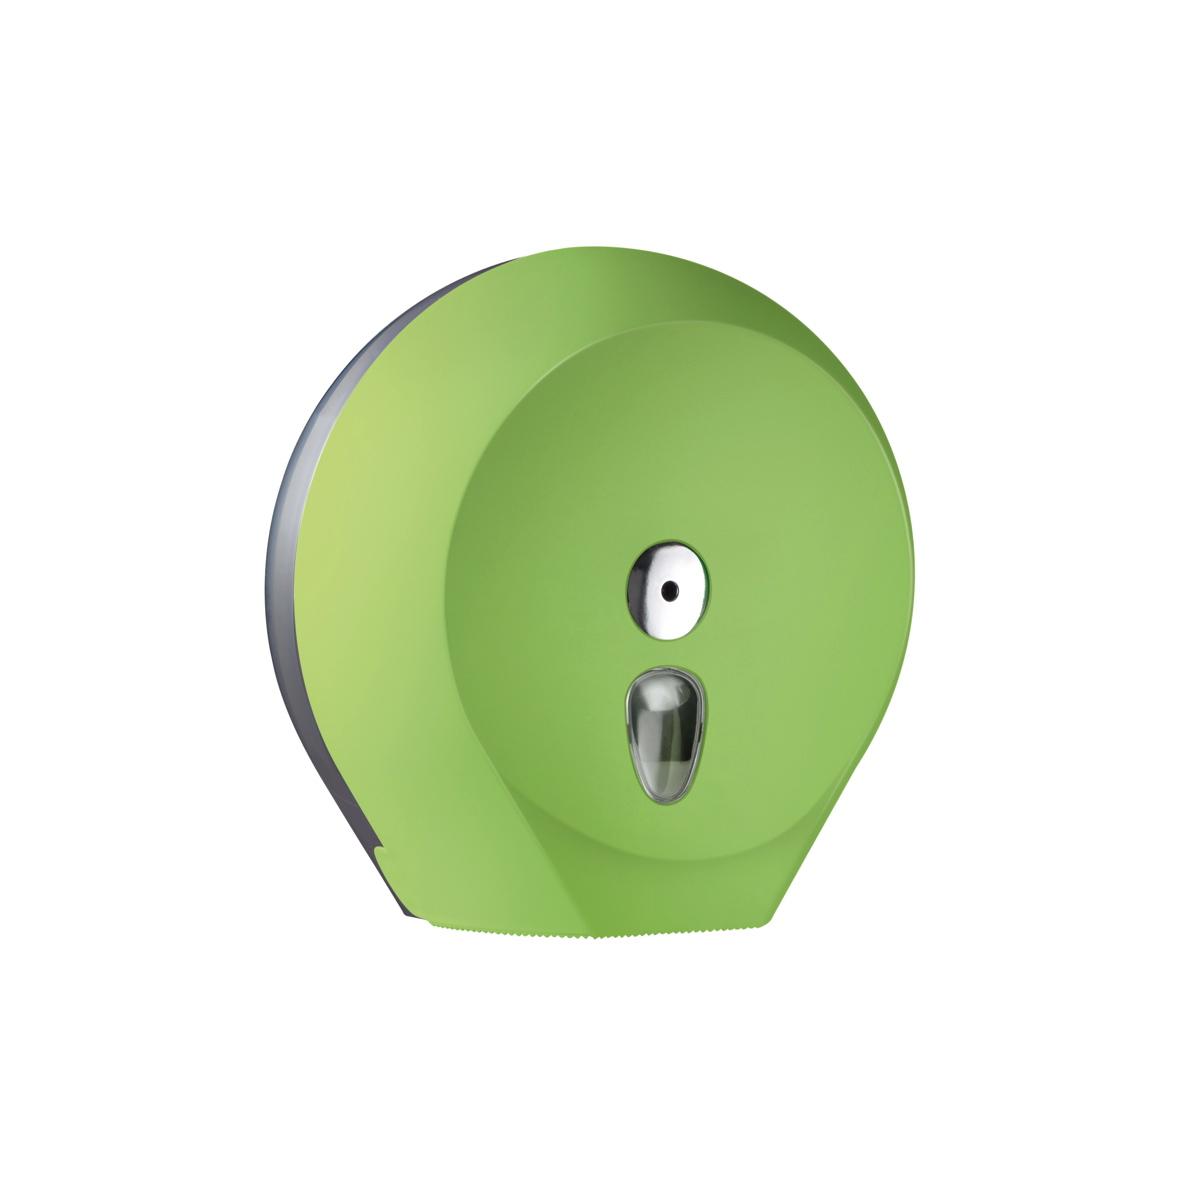 Podajalnik toaletnih rol Jumbo max Colored